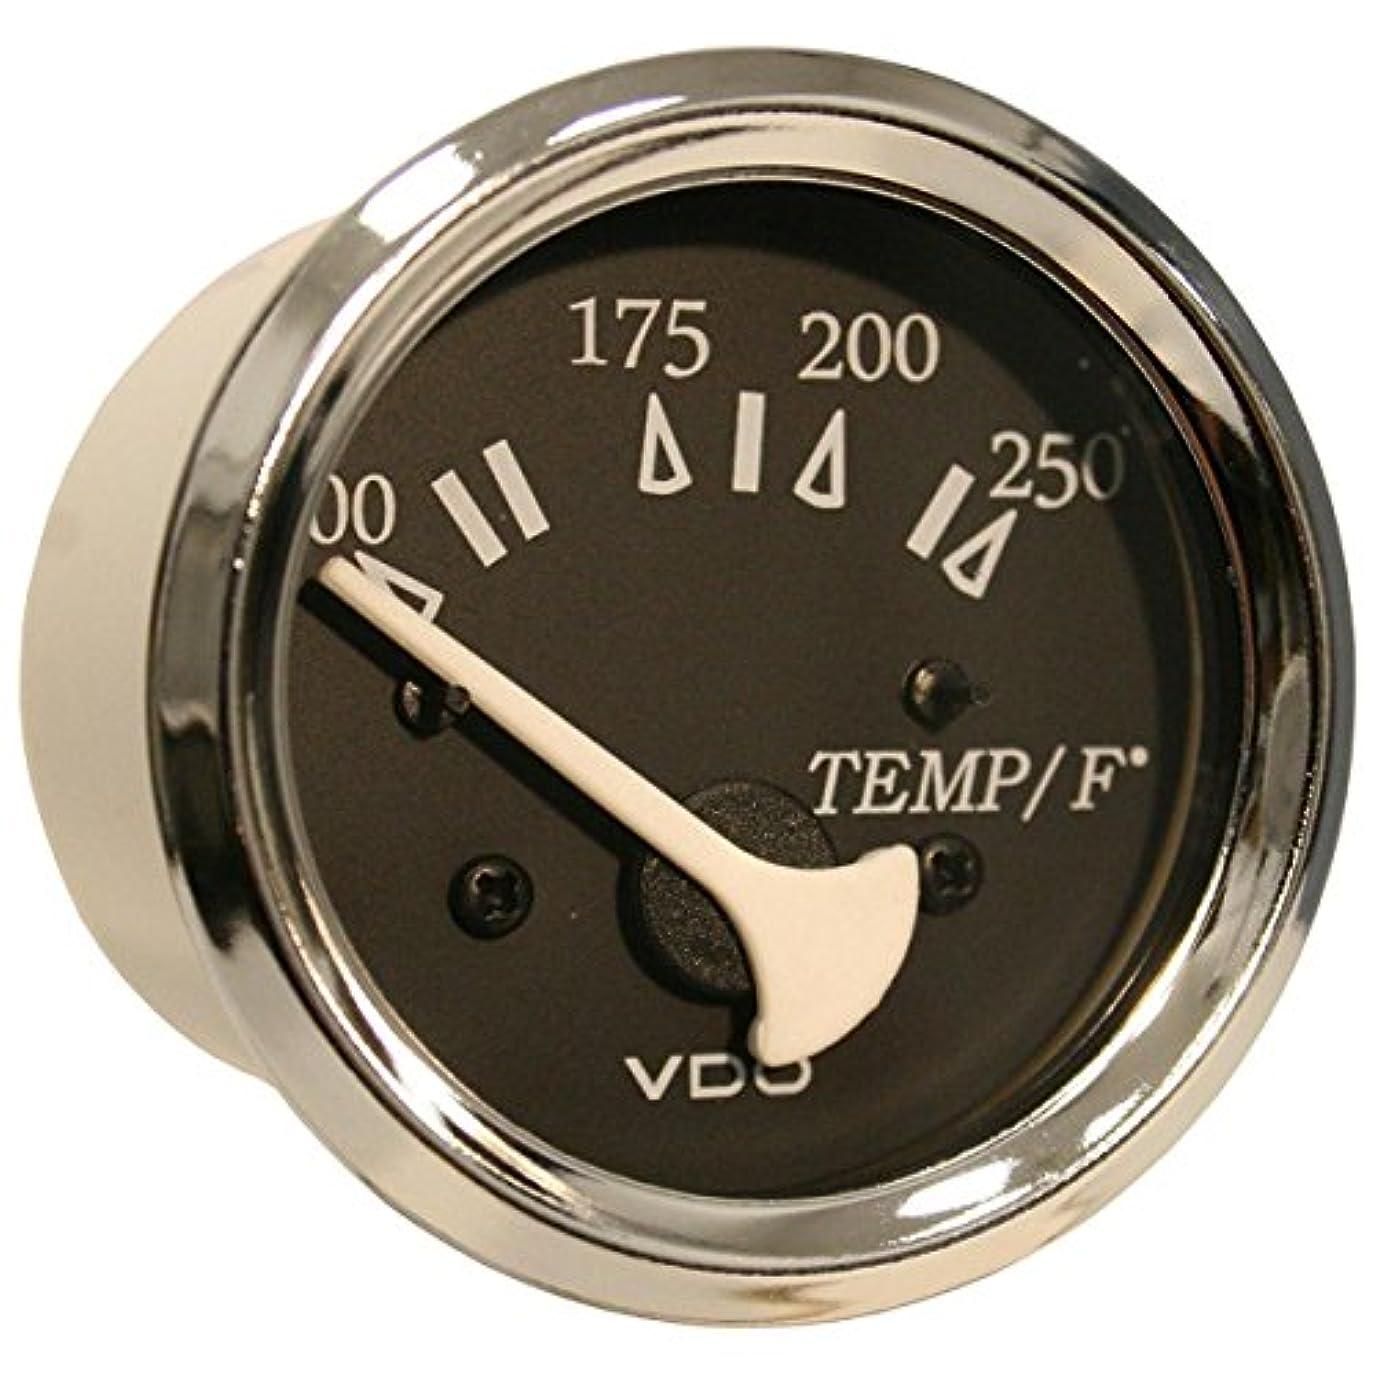 振る舞いジャンクションバーチャルVDO allentare 250 degreesF水温度ゲージ – 使用W / Marine 450 – 29 Ohm送信者 – 12 V – クロムベゼル